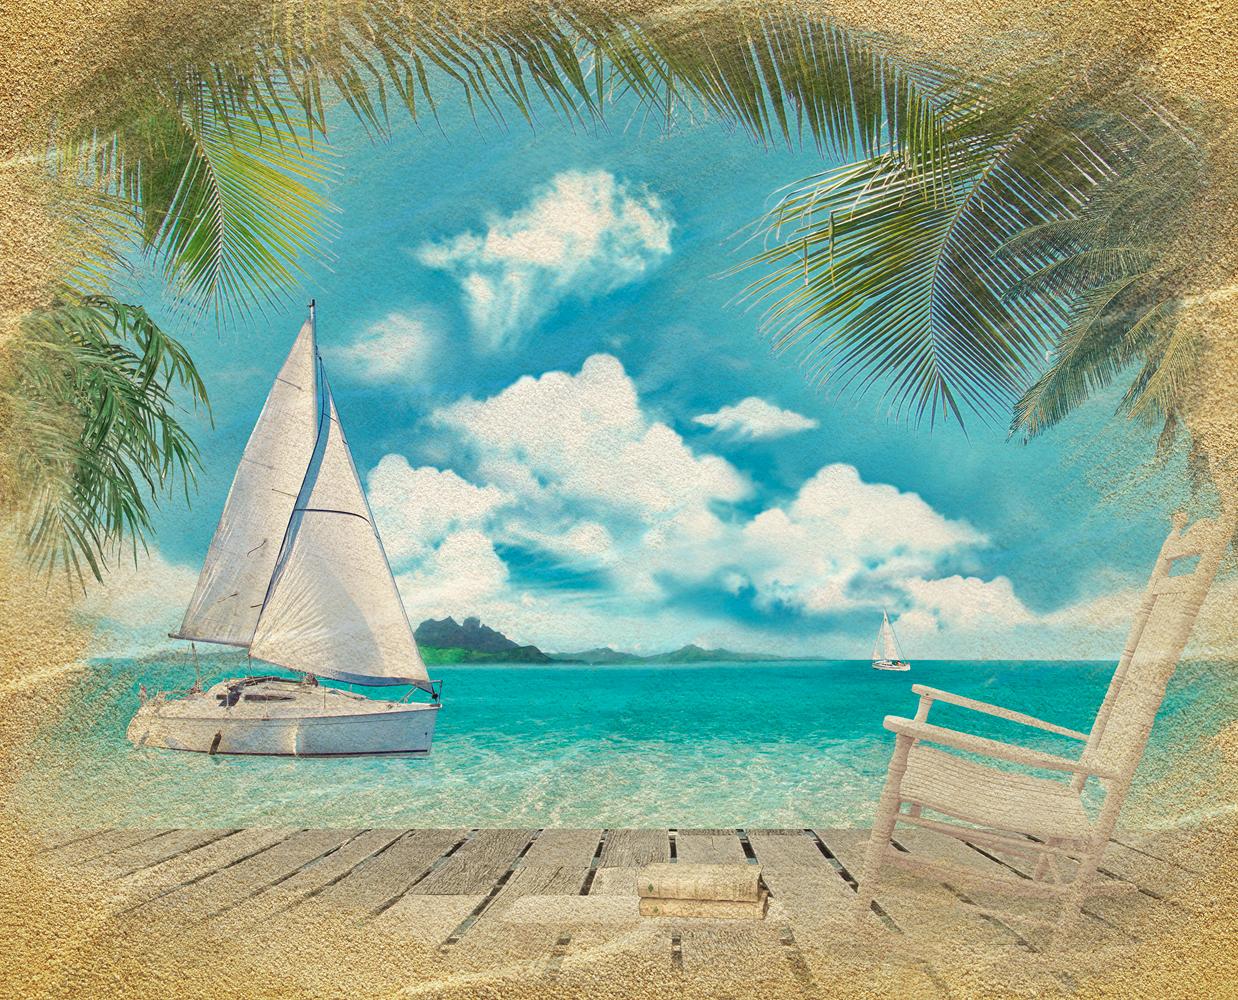 Картинка море пляж пальмы яхта